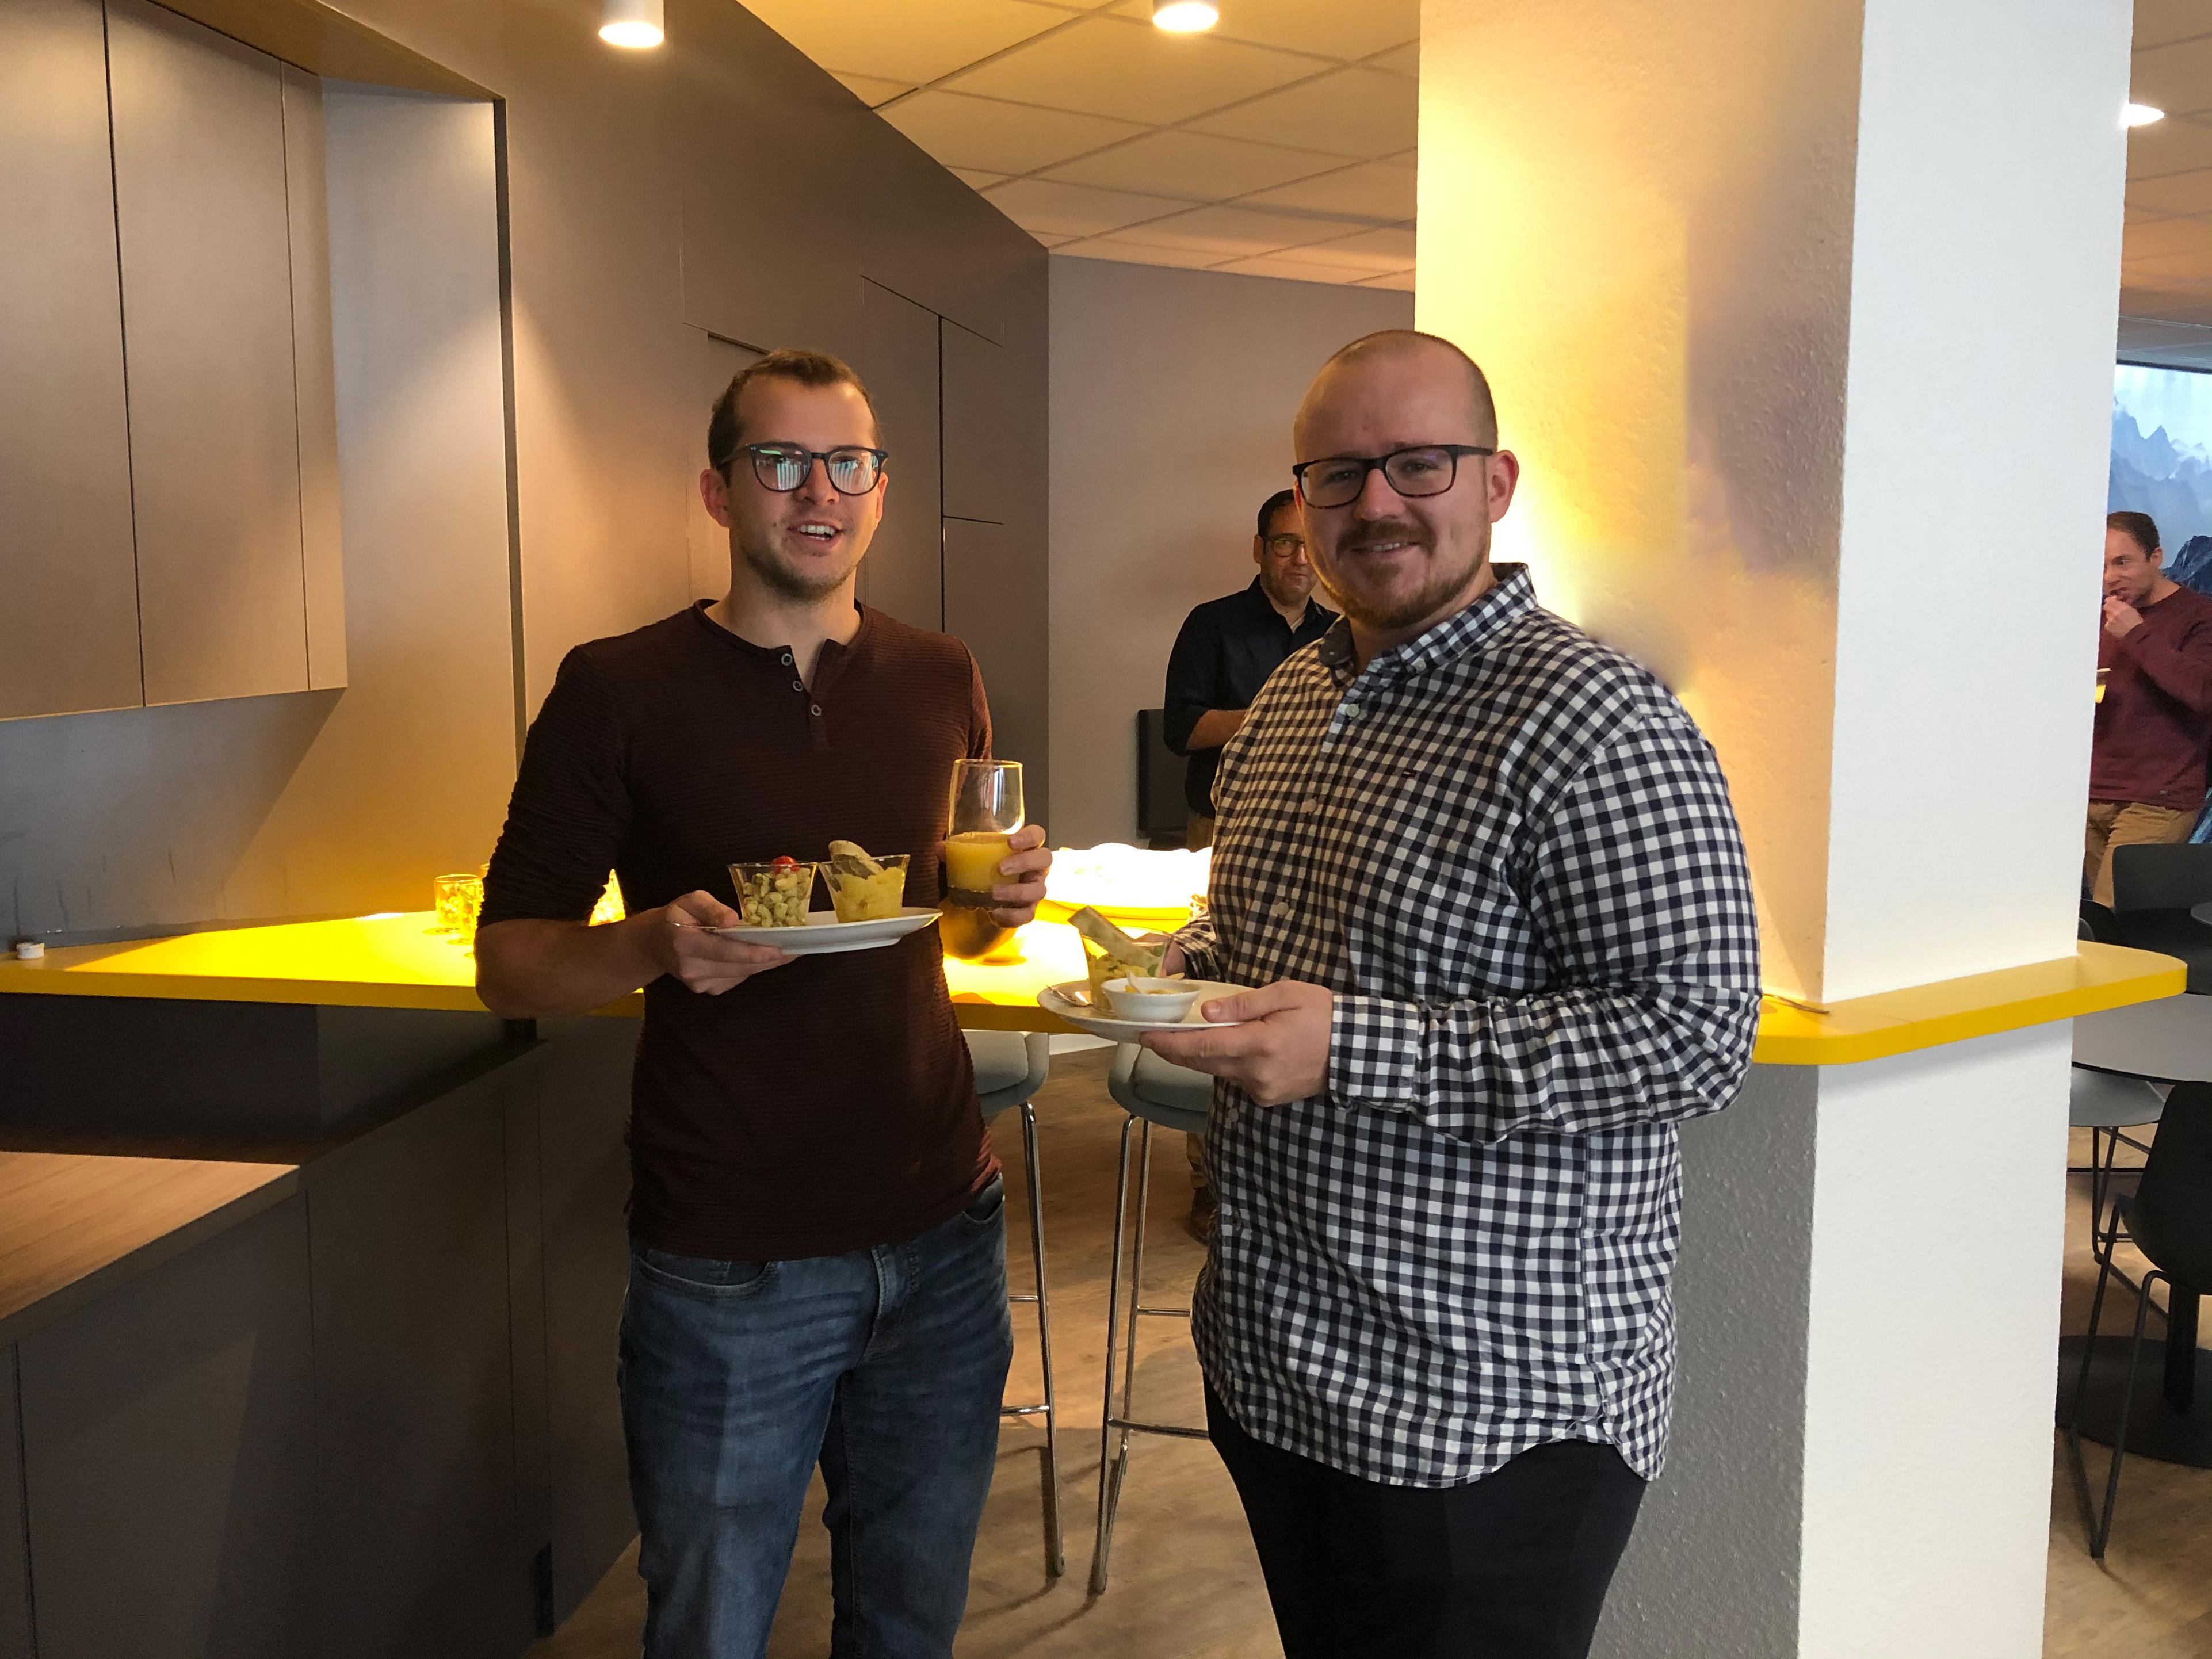 News Foto Einweihung Lounge 4 - Gepflegt chillen und arbeiten: Innovabee weiht neue Lounge ein